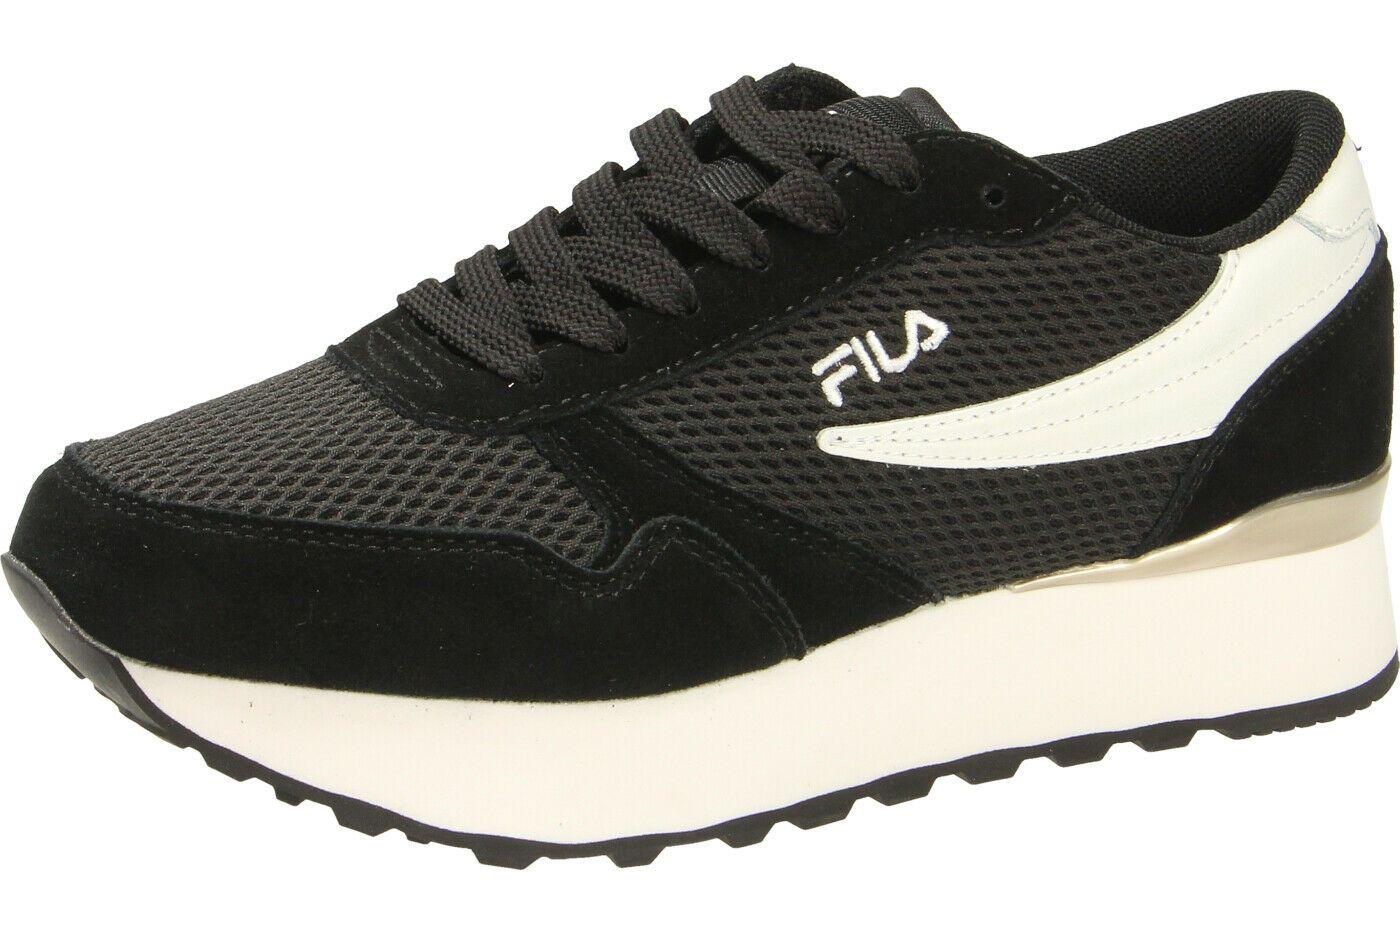 3645 2019 nuovo off white Air Max 270 jogging scarpe